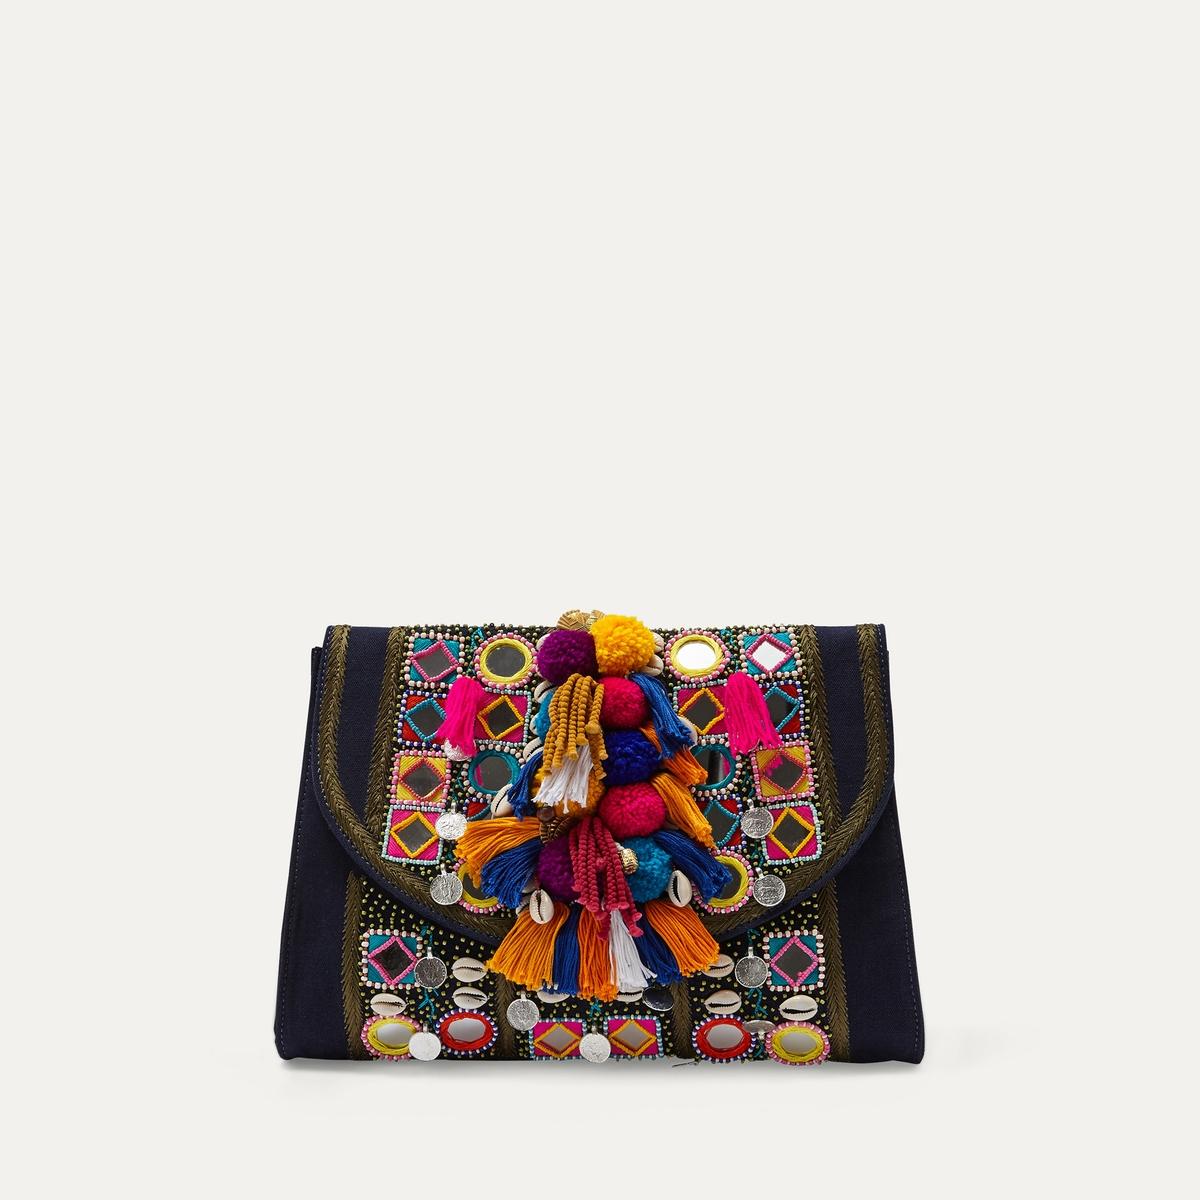 Клатч KOSHI WALLETСостав и описание Материал : 90% хлопка, 10% кожиПодкладка из текстиляРазмеры : ок. 26x33 см.Отделения : 1 Карманы : внутренние карманы для карточек + 1 внутренний карманМарка : ANTIK BATIK<br><br>Цвет: синий